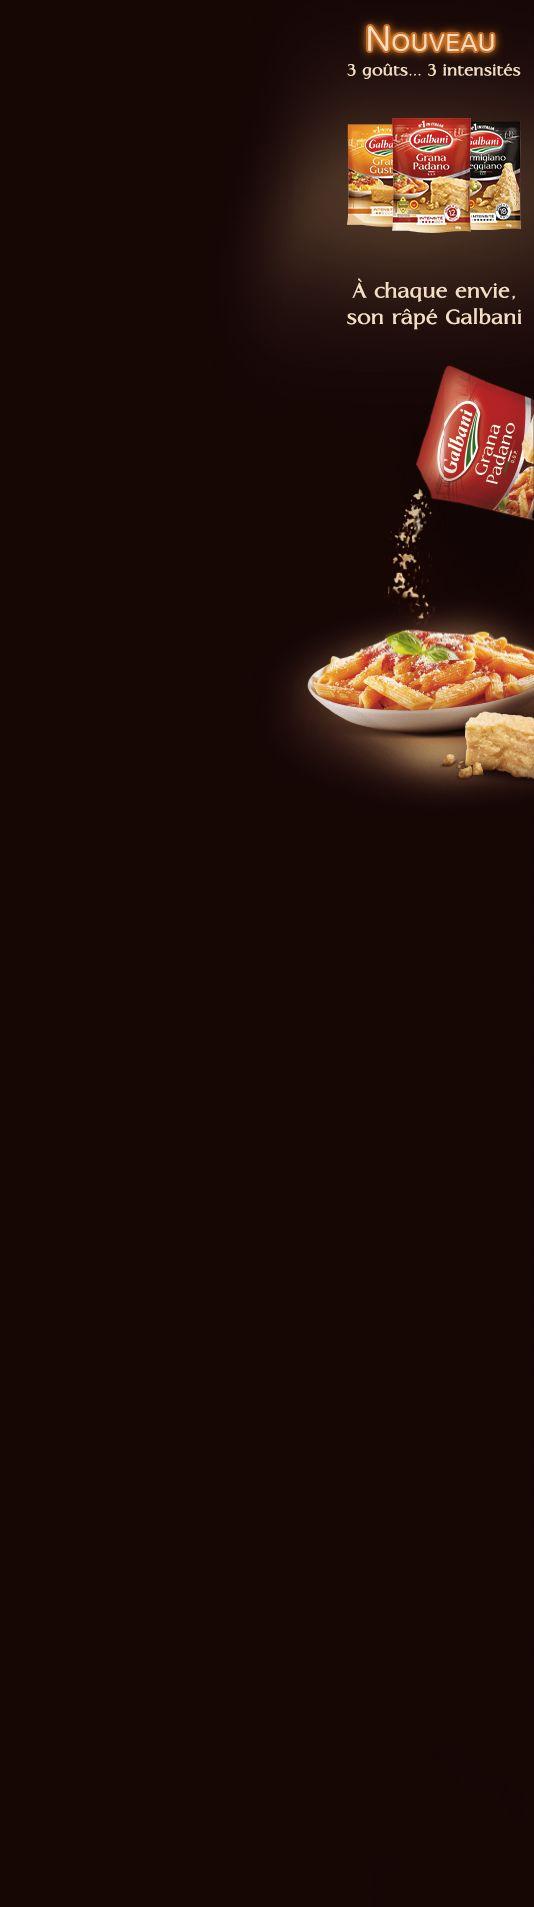 Recette - Tiramisu aux deux saumons et ciboulette – Recette I Love Tiramisu, -Tiramisù des Fêtes, Poissons et fruits de mer | Il Gusto Italiano